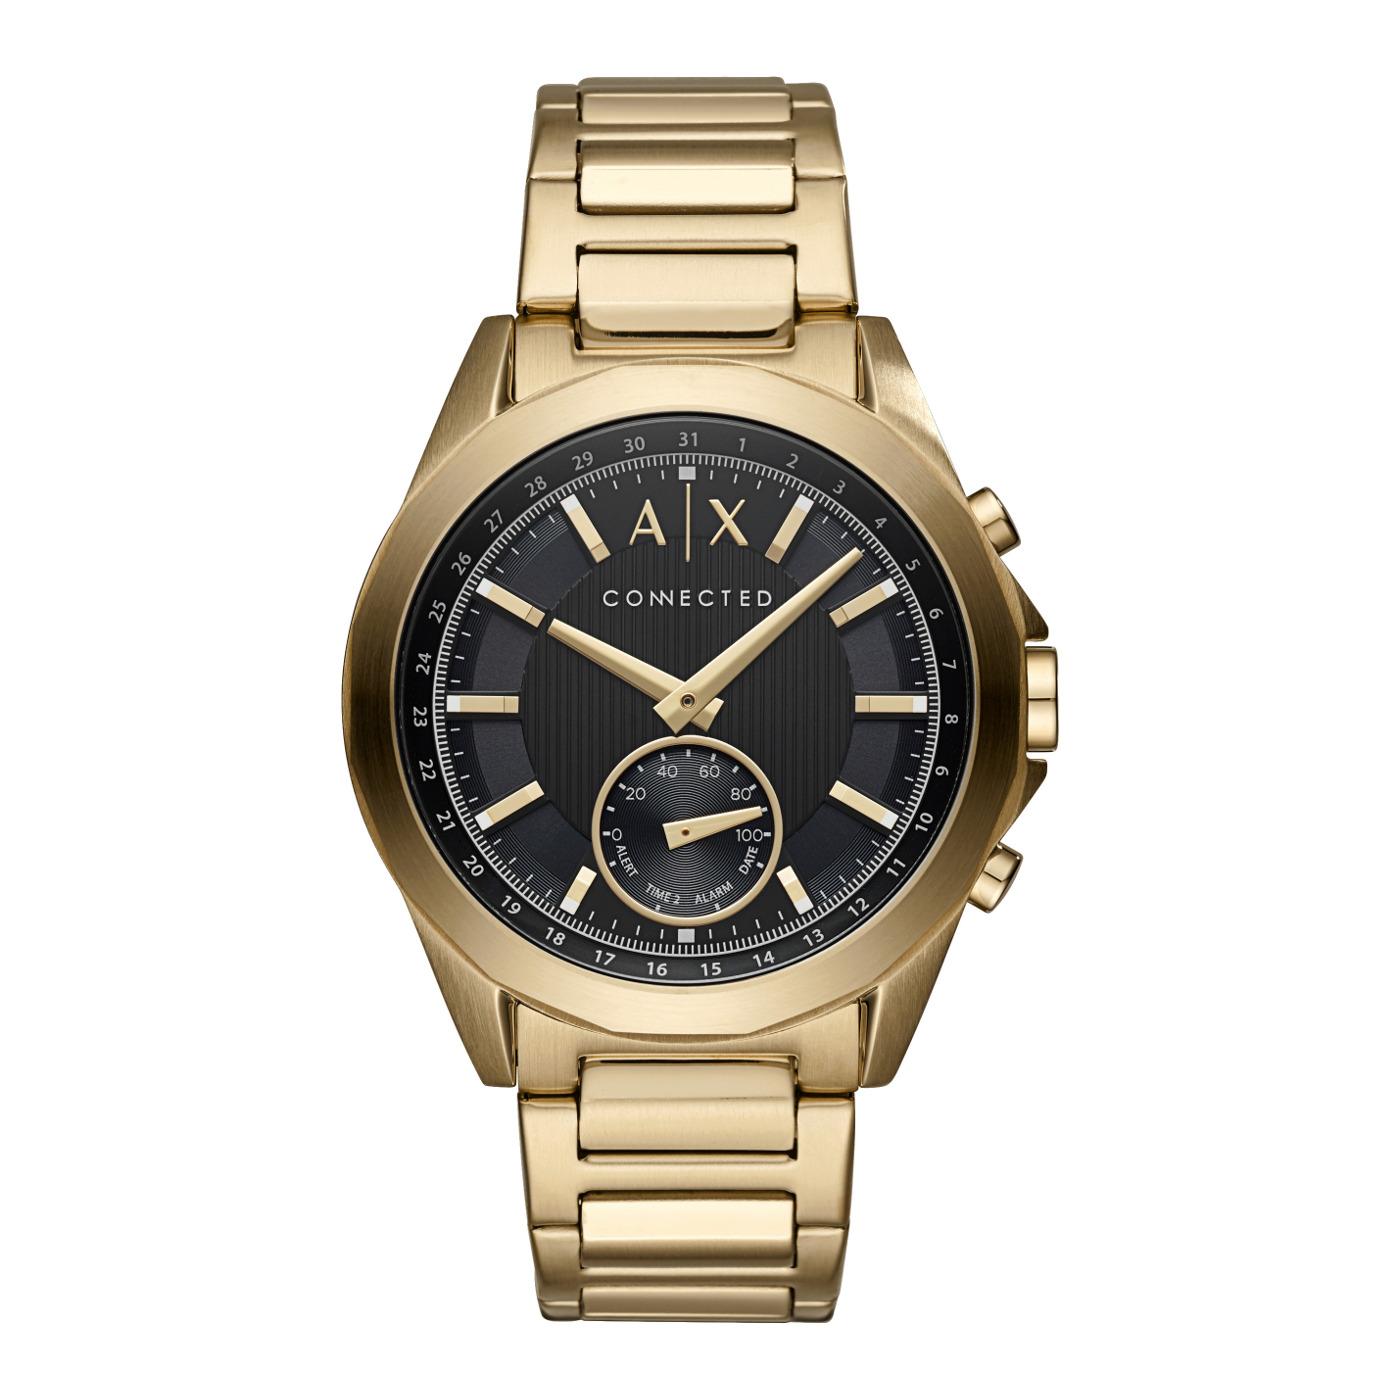 Afbeelding van Armani Exchange Connected Hybrid Smartwatch AXT1008